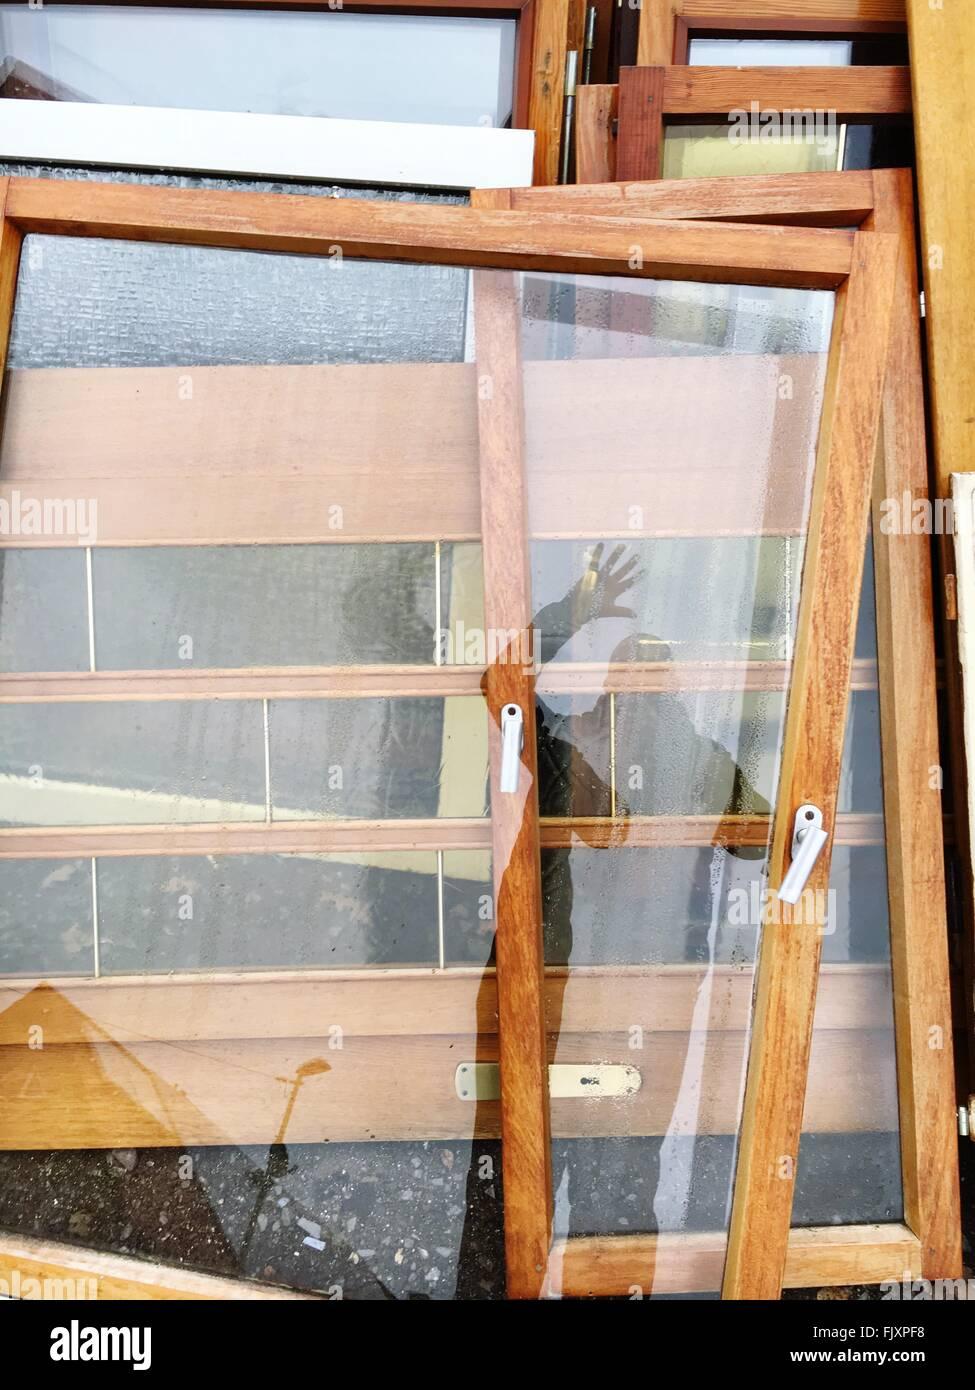 Reflexion des Menschen auf der Glastür am Workshop Stockbild